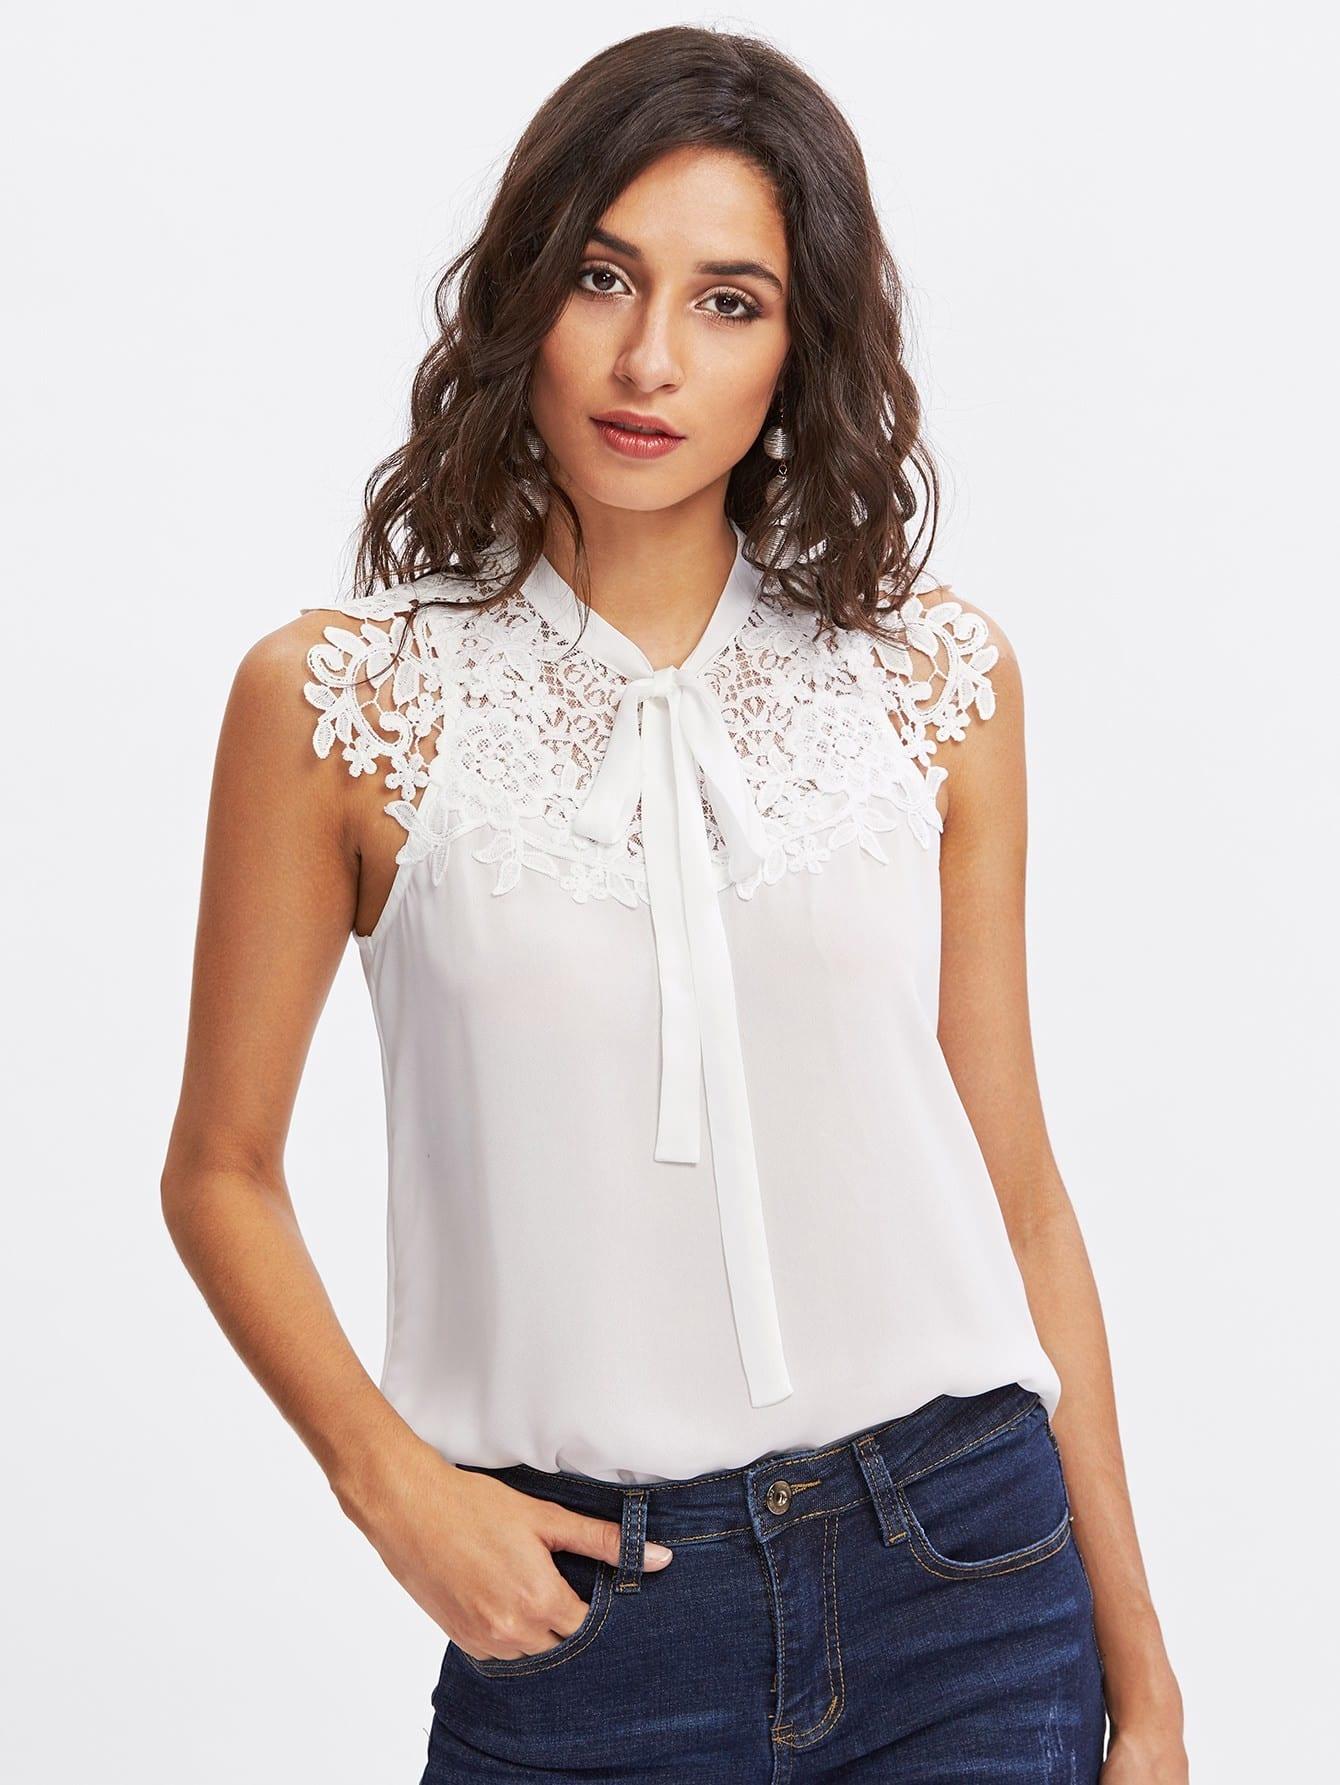 Guipure Lace Applique Tied Neck Top blouse170925703